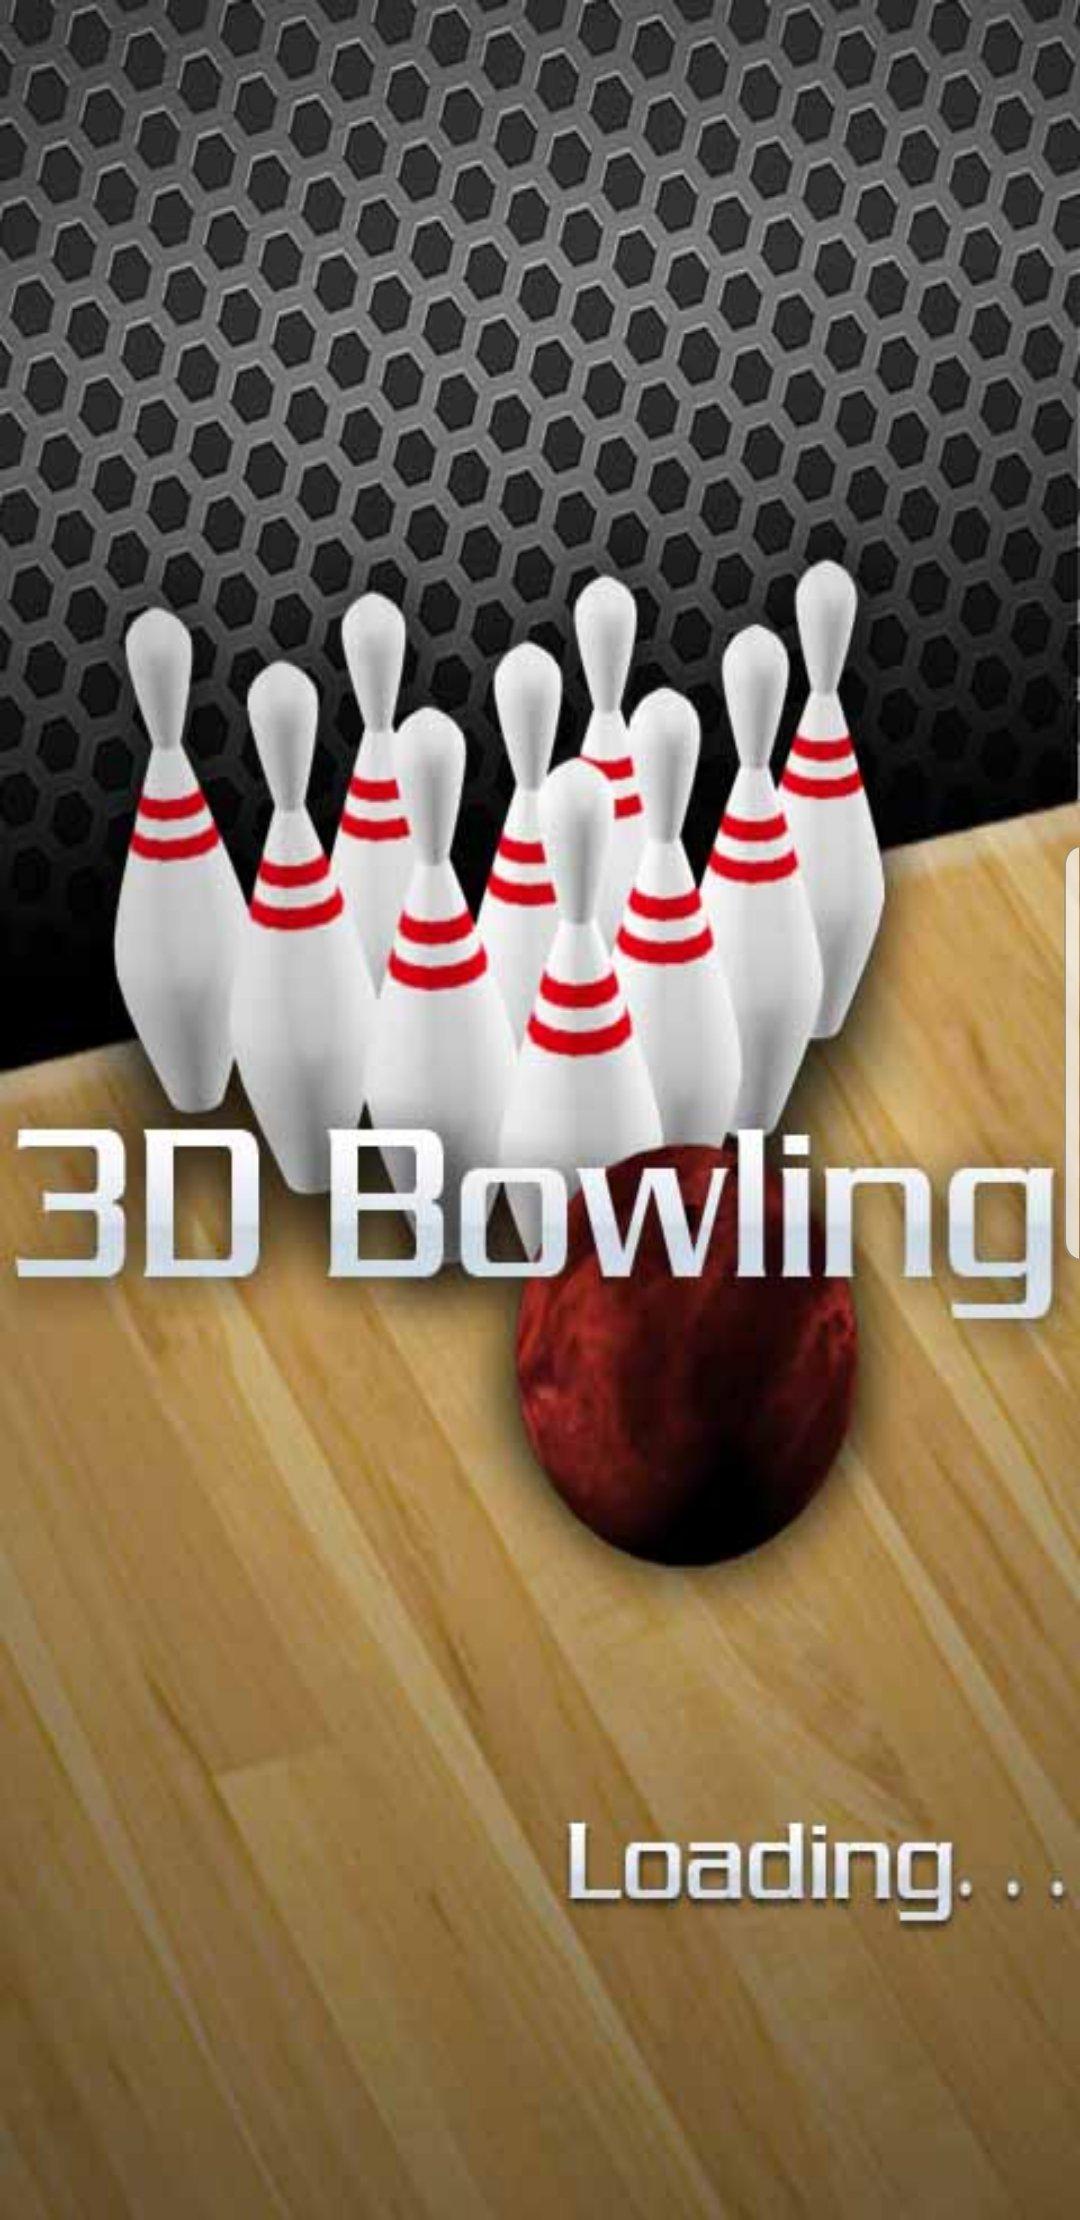 3D Bowling 3.2 - Télécharger Pour Android Apk Gratuitement encequiconcerne Jeux Gratuits De Bowling